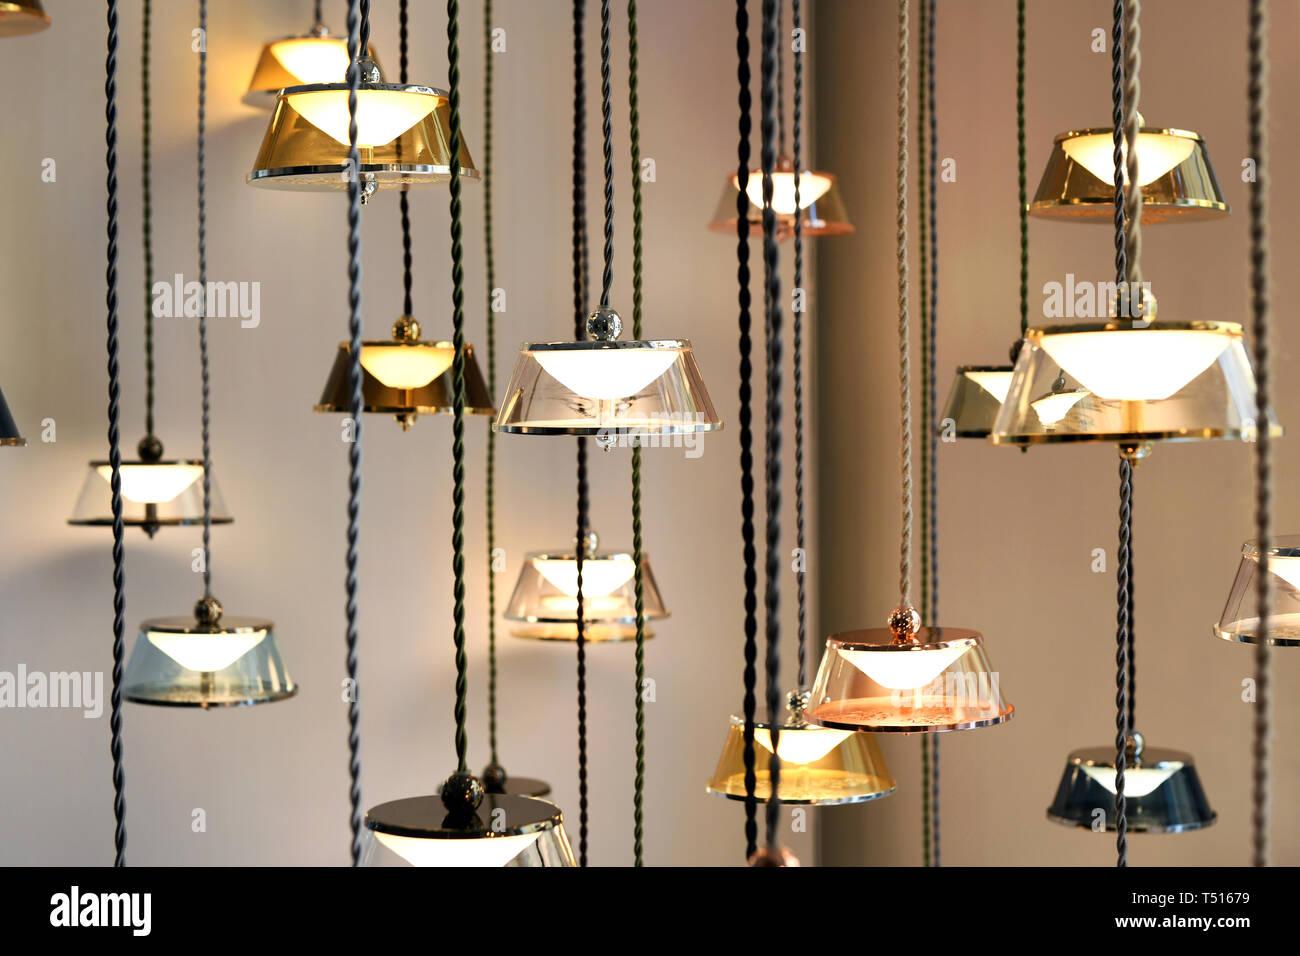 Design moderne avec lampes lustres lumineux avec une lumière chaude, suspendu à des fils contre mur gris Photo Stock